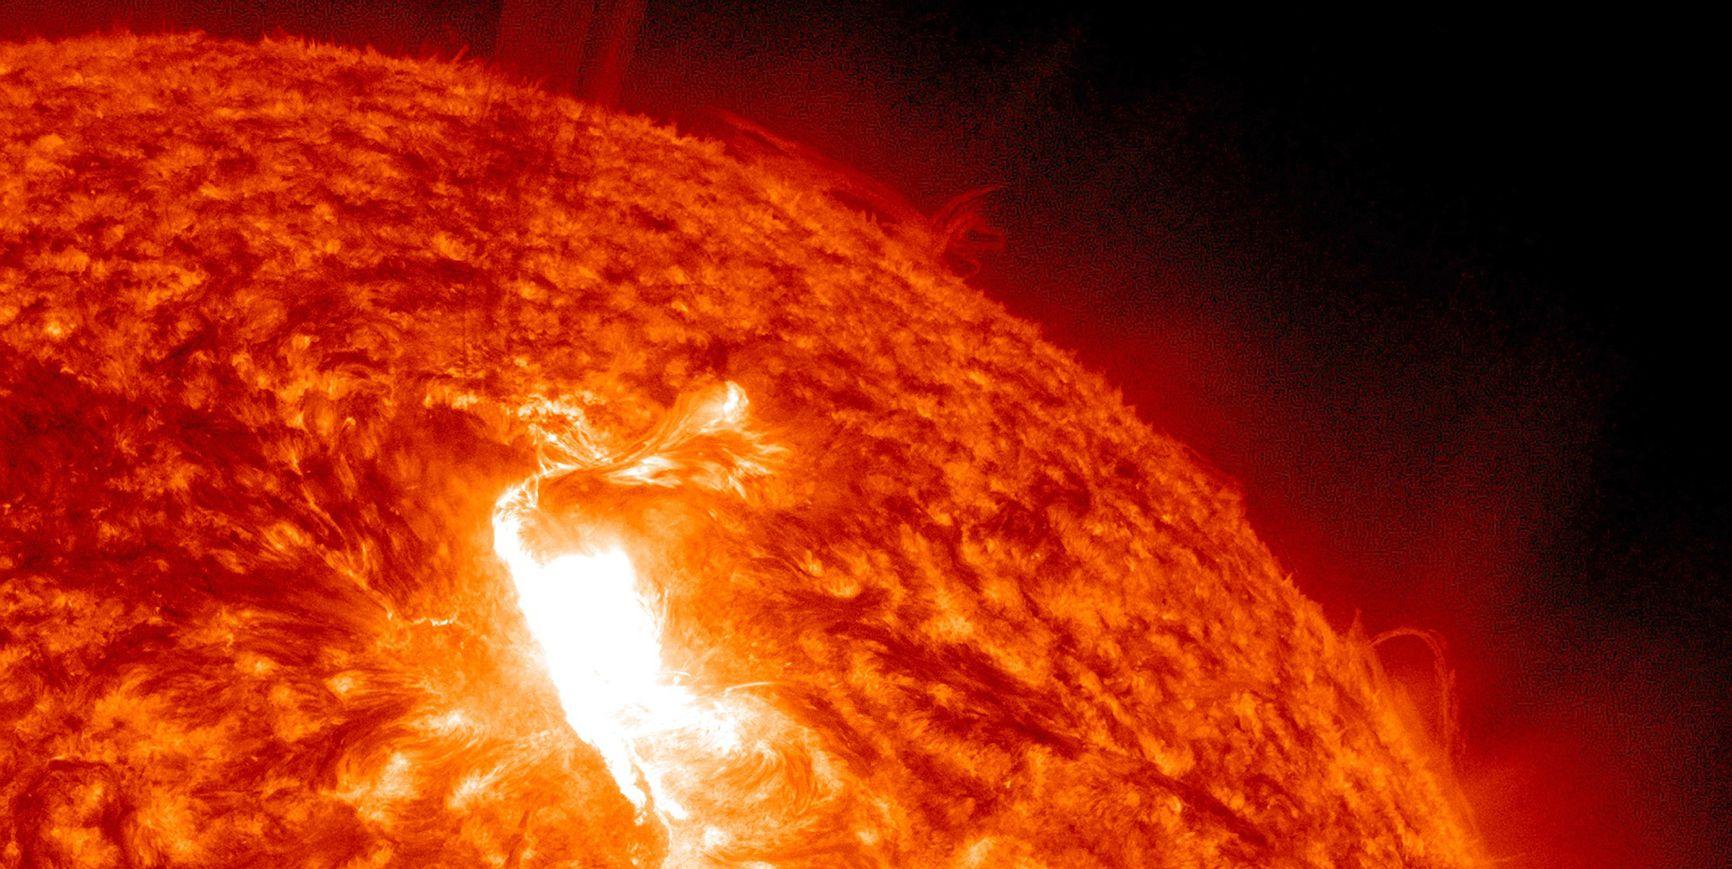 Gözler bu gök olayına çevrildi! Yüksek hızlı güneş fırtınası Dünyaya çarpabilir